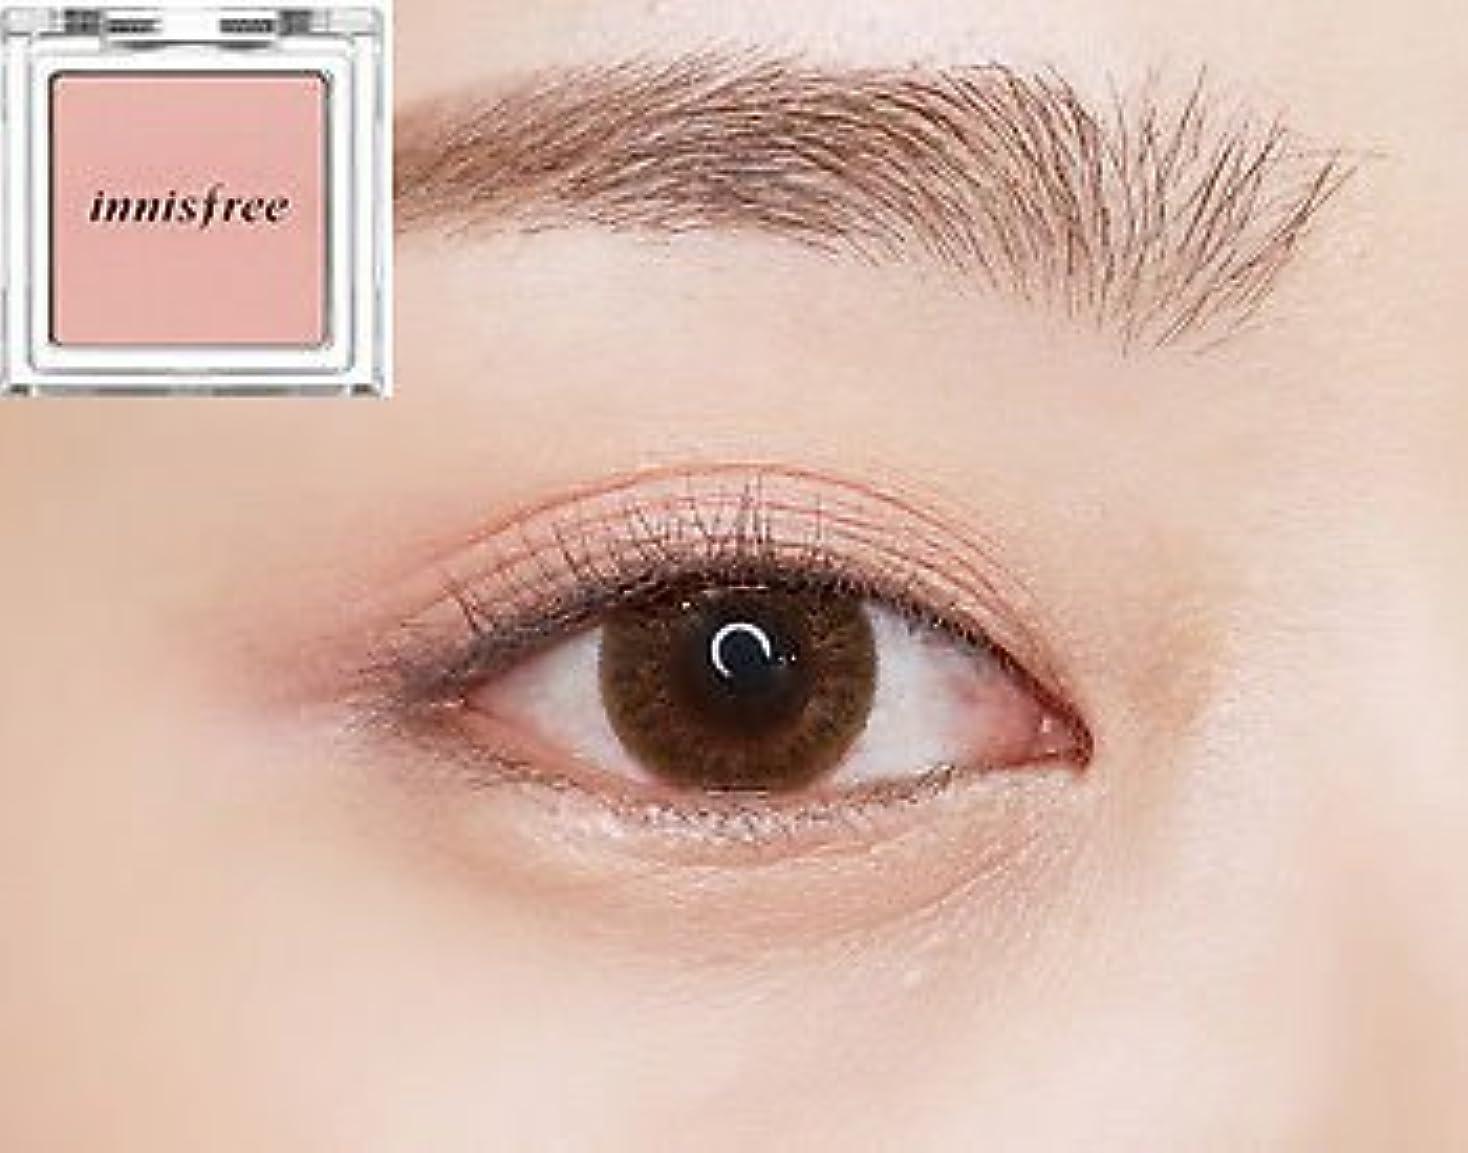 フィード抵抗するフロンティア[イニスフリー] innisfree [マイ パレット マイ アイシャドウ (シマ一) 39カラー] MY PALETTE My Eyeshadow (Shimmer) 39 Shades [海外直送品] (シマ一 #03)